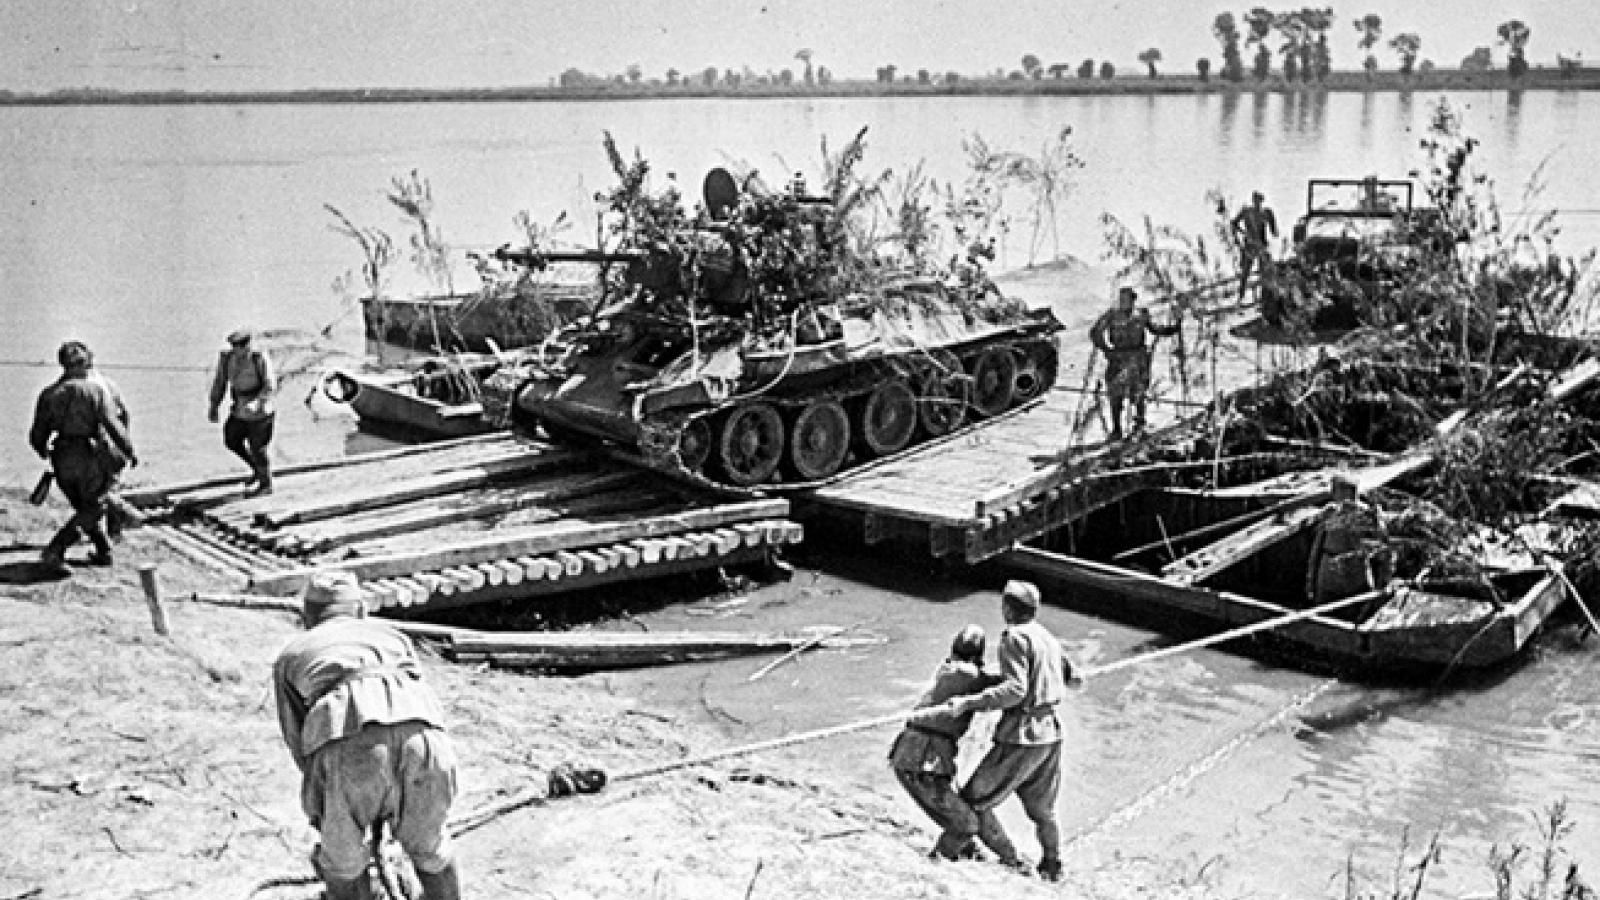 10 đòn sấm sét của Hồng quân giúp giải phóng gần như toàn bộ Liên Xô khỏi Đức Quốc xã